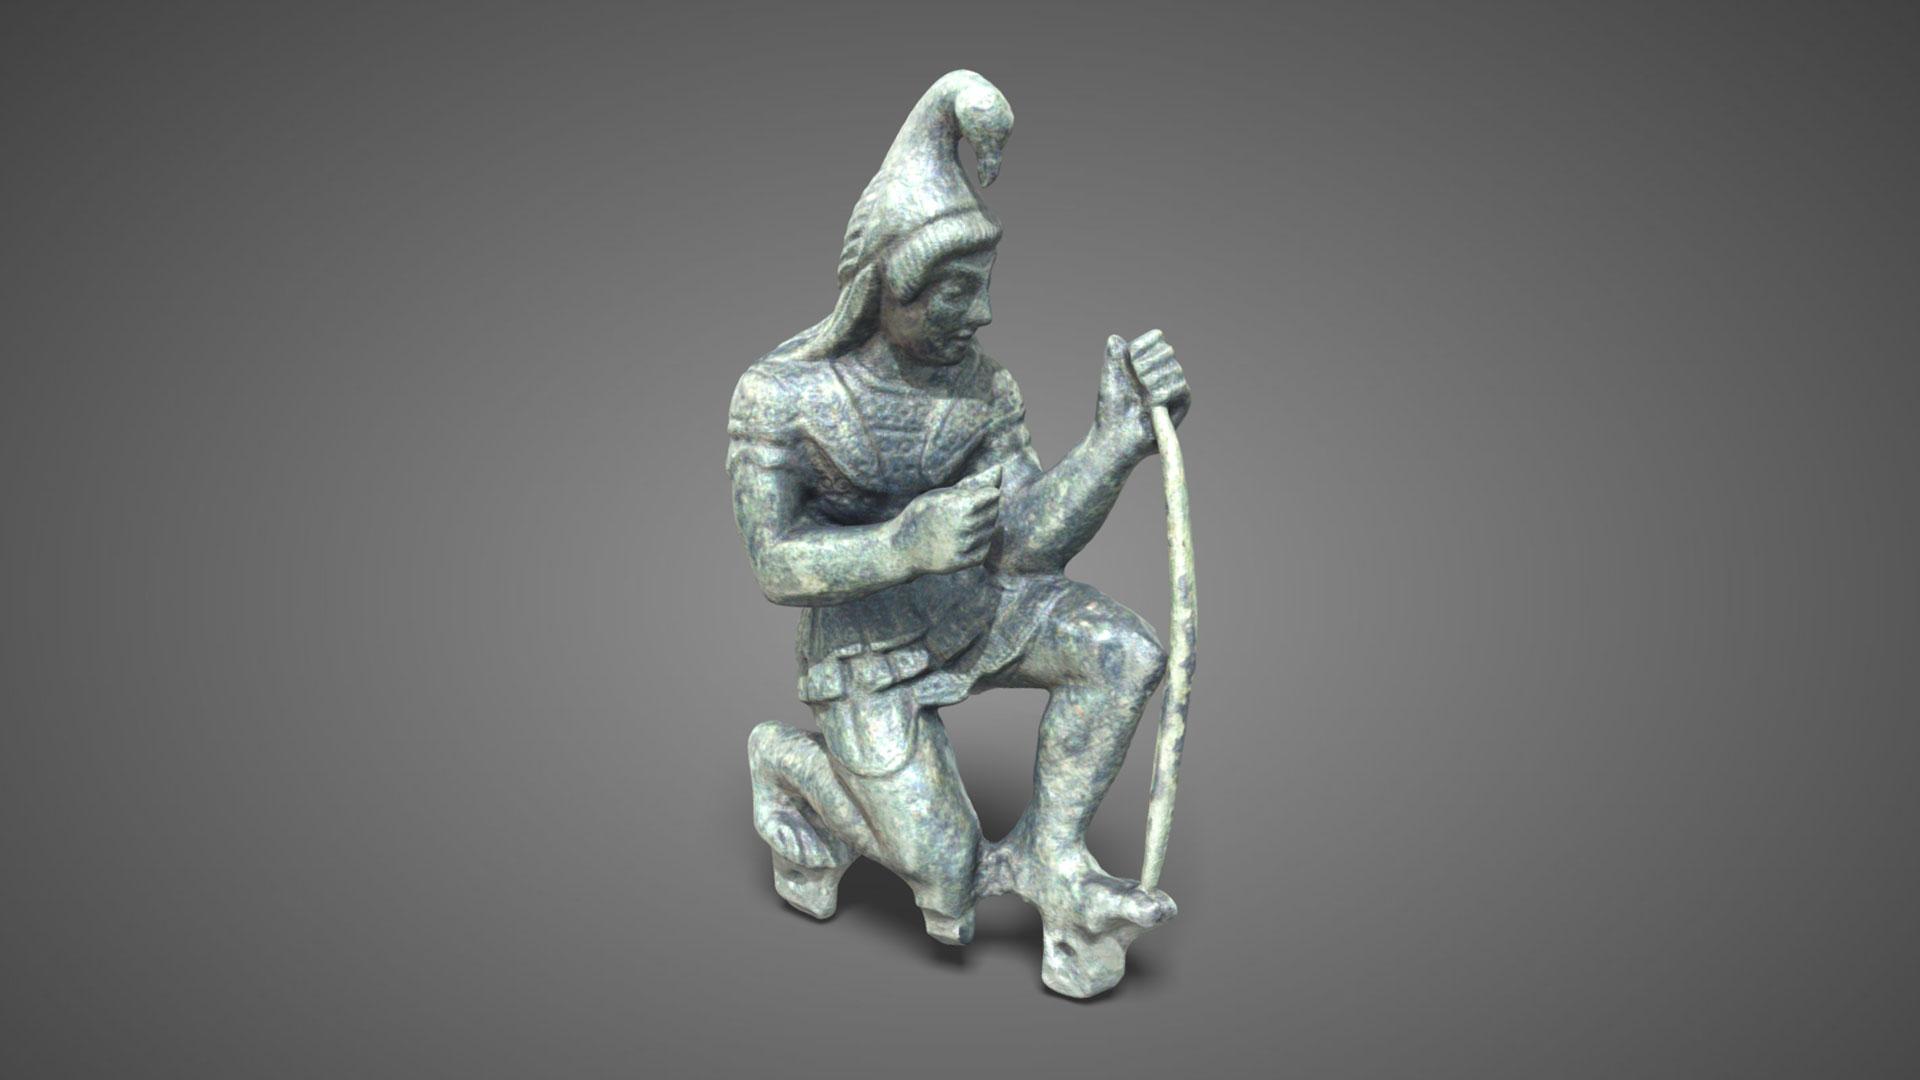 Paride arciere | Paris archer - 3D Model